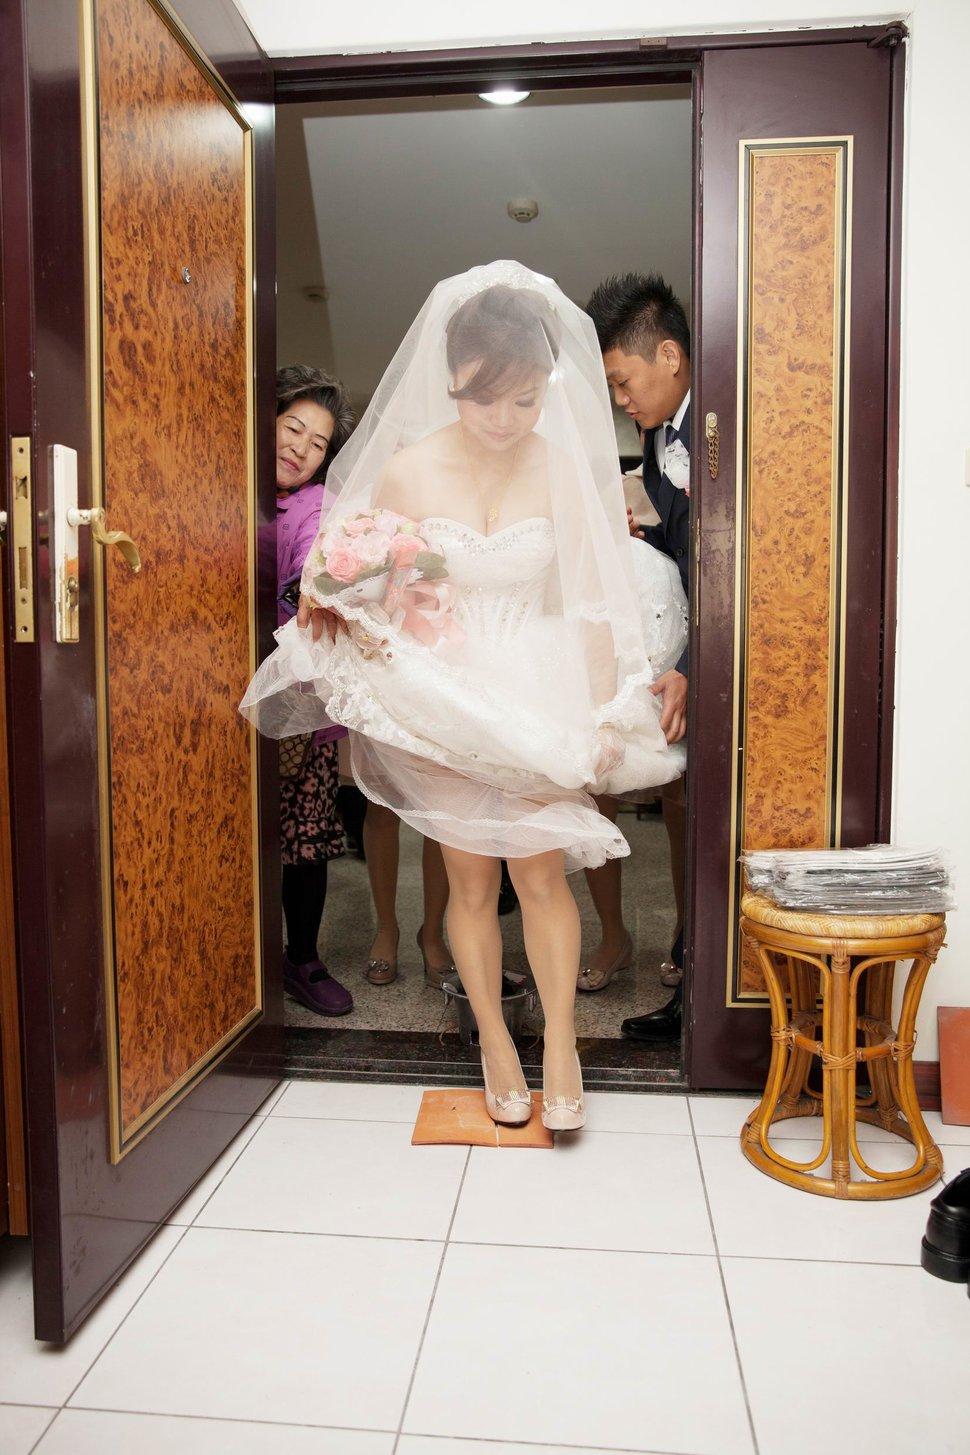 結婚迎娶午宴東達極品美饌結婚迎娶婚禮記錄動態微電影錄影專業錄影(編號:194115) - 蜜月拍照10800錄影12800攝影團隊 - 結婚吧